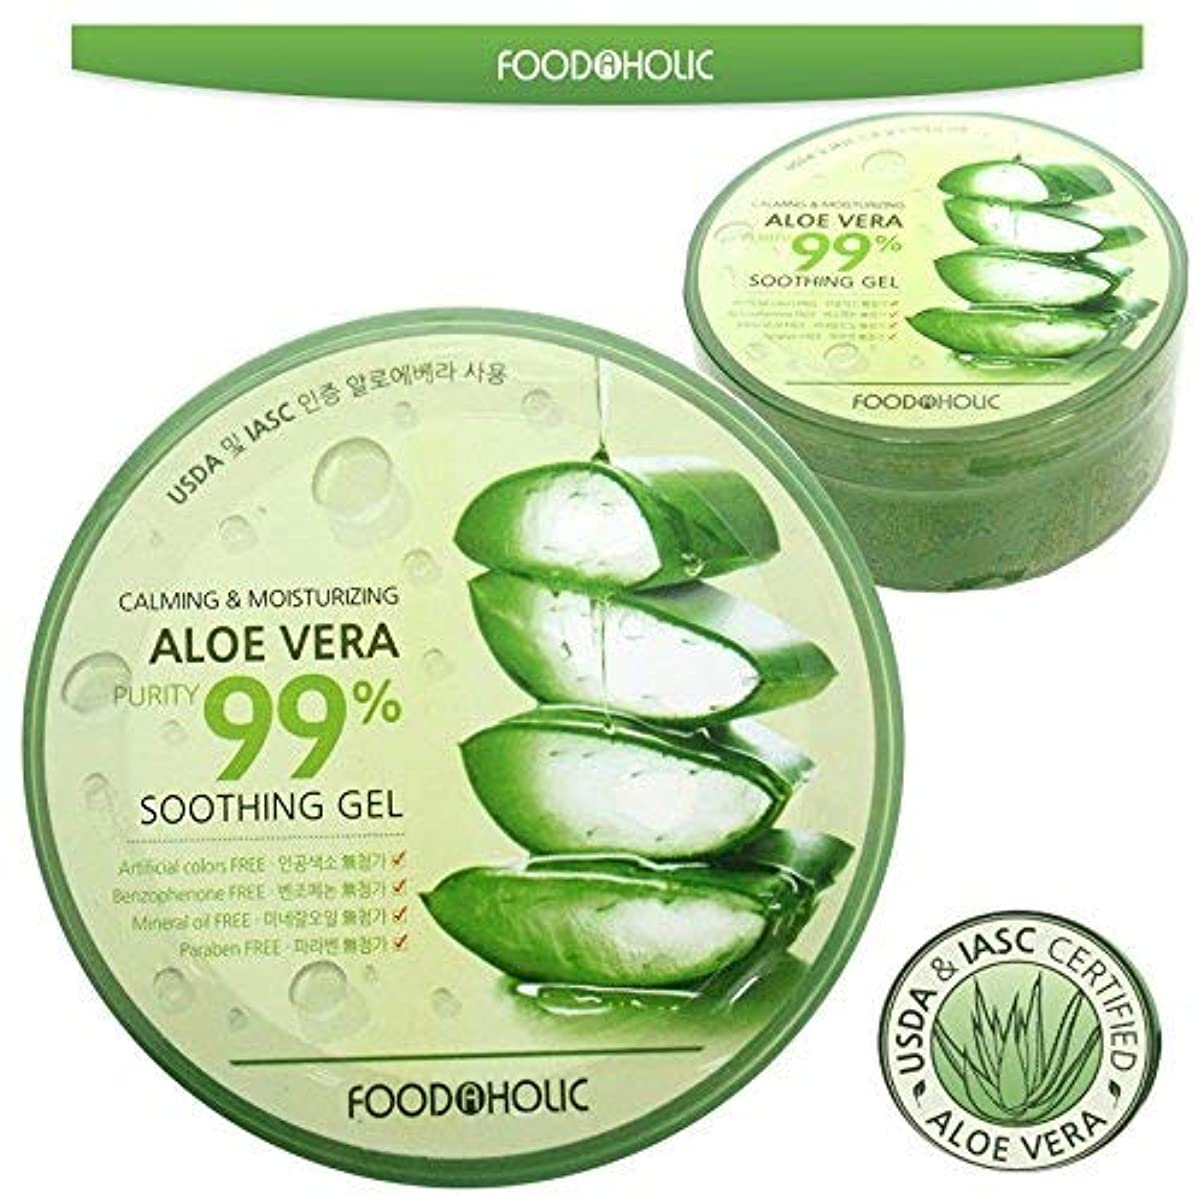 飛ぶ測る見捨てる[FOOD A HOLIC] 穏やかな&保湿アロエベラ純度は99%スージングジェル(300ml * 1EA) / Calming & Moisturizing Aloe Vera Purity 99% Soothing...